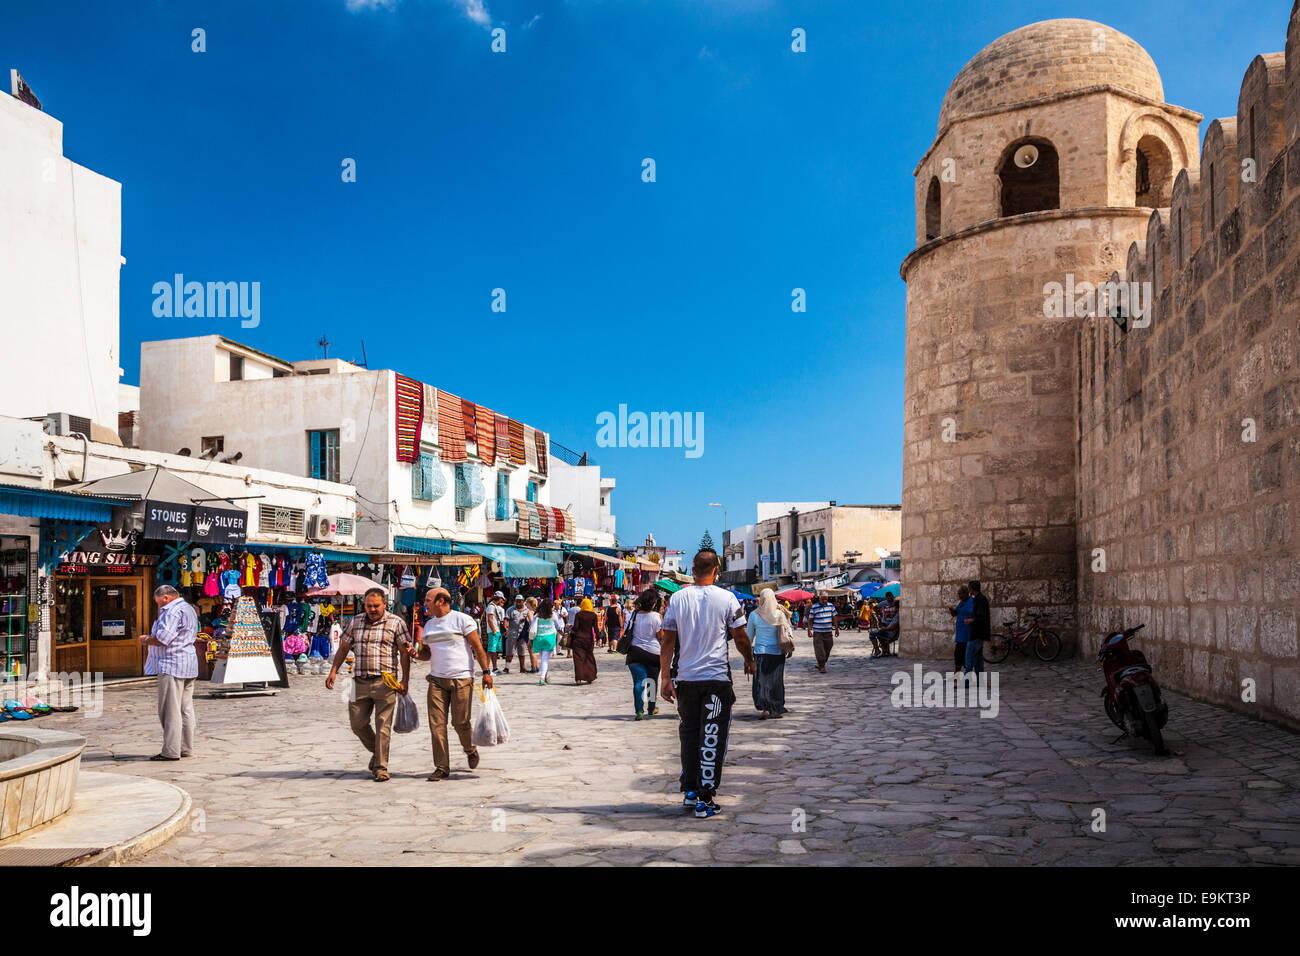 La Plaza de la Gran Mezquita en Sousse, Túnez. Imagen De Stock